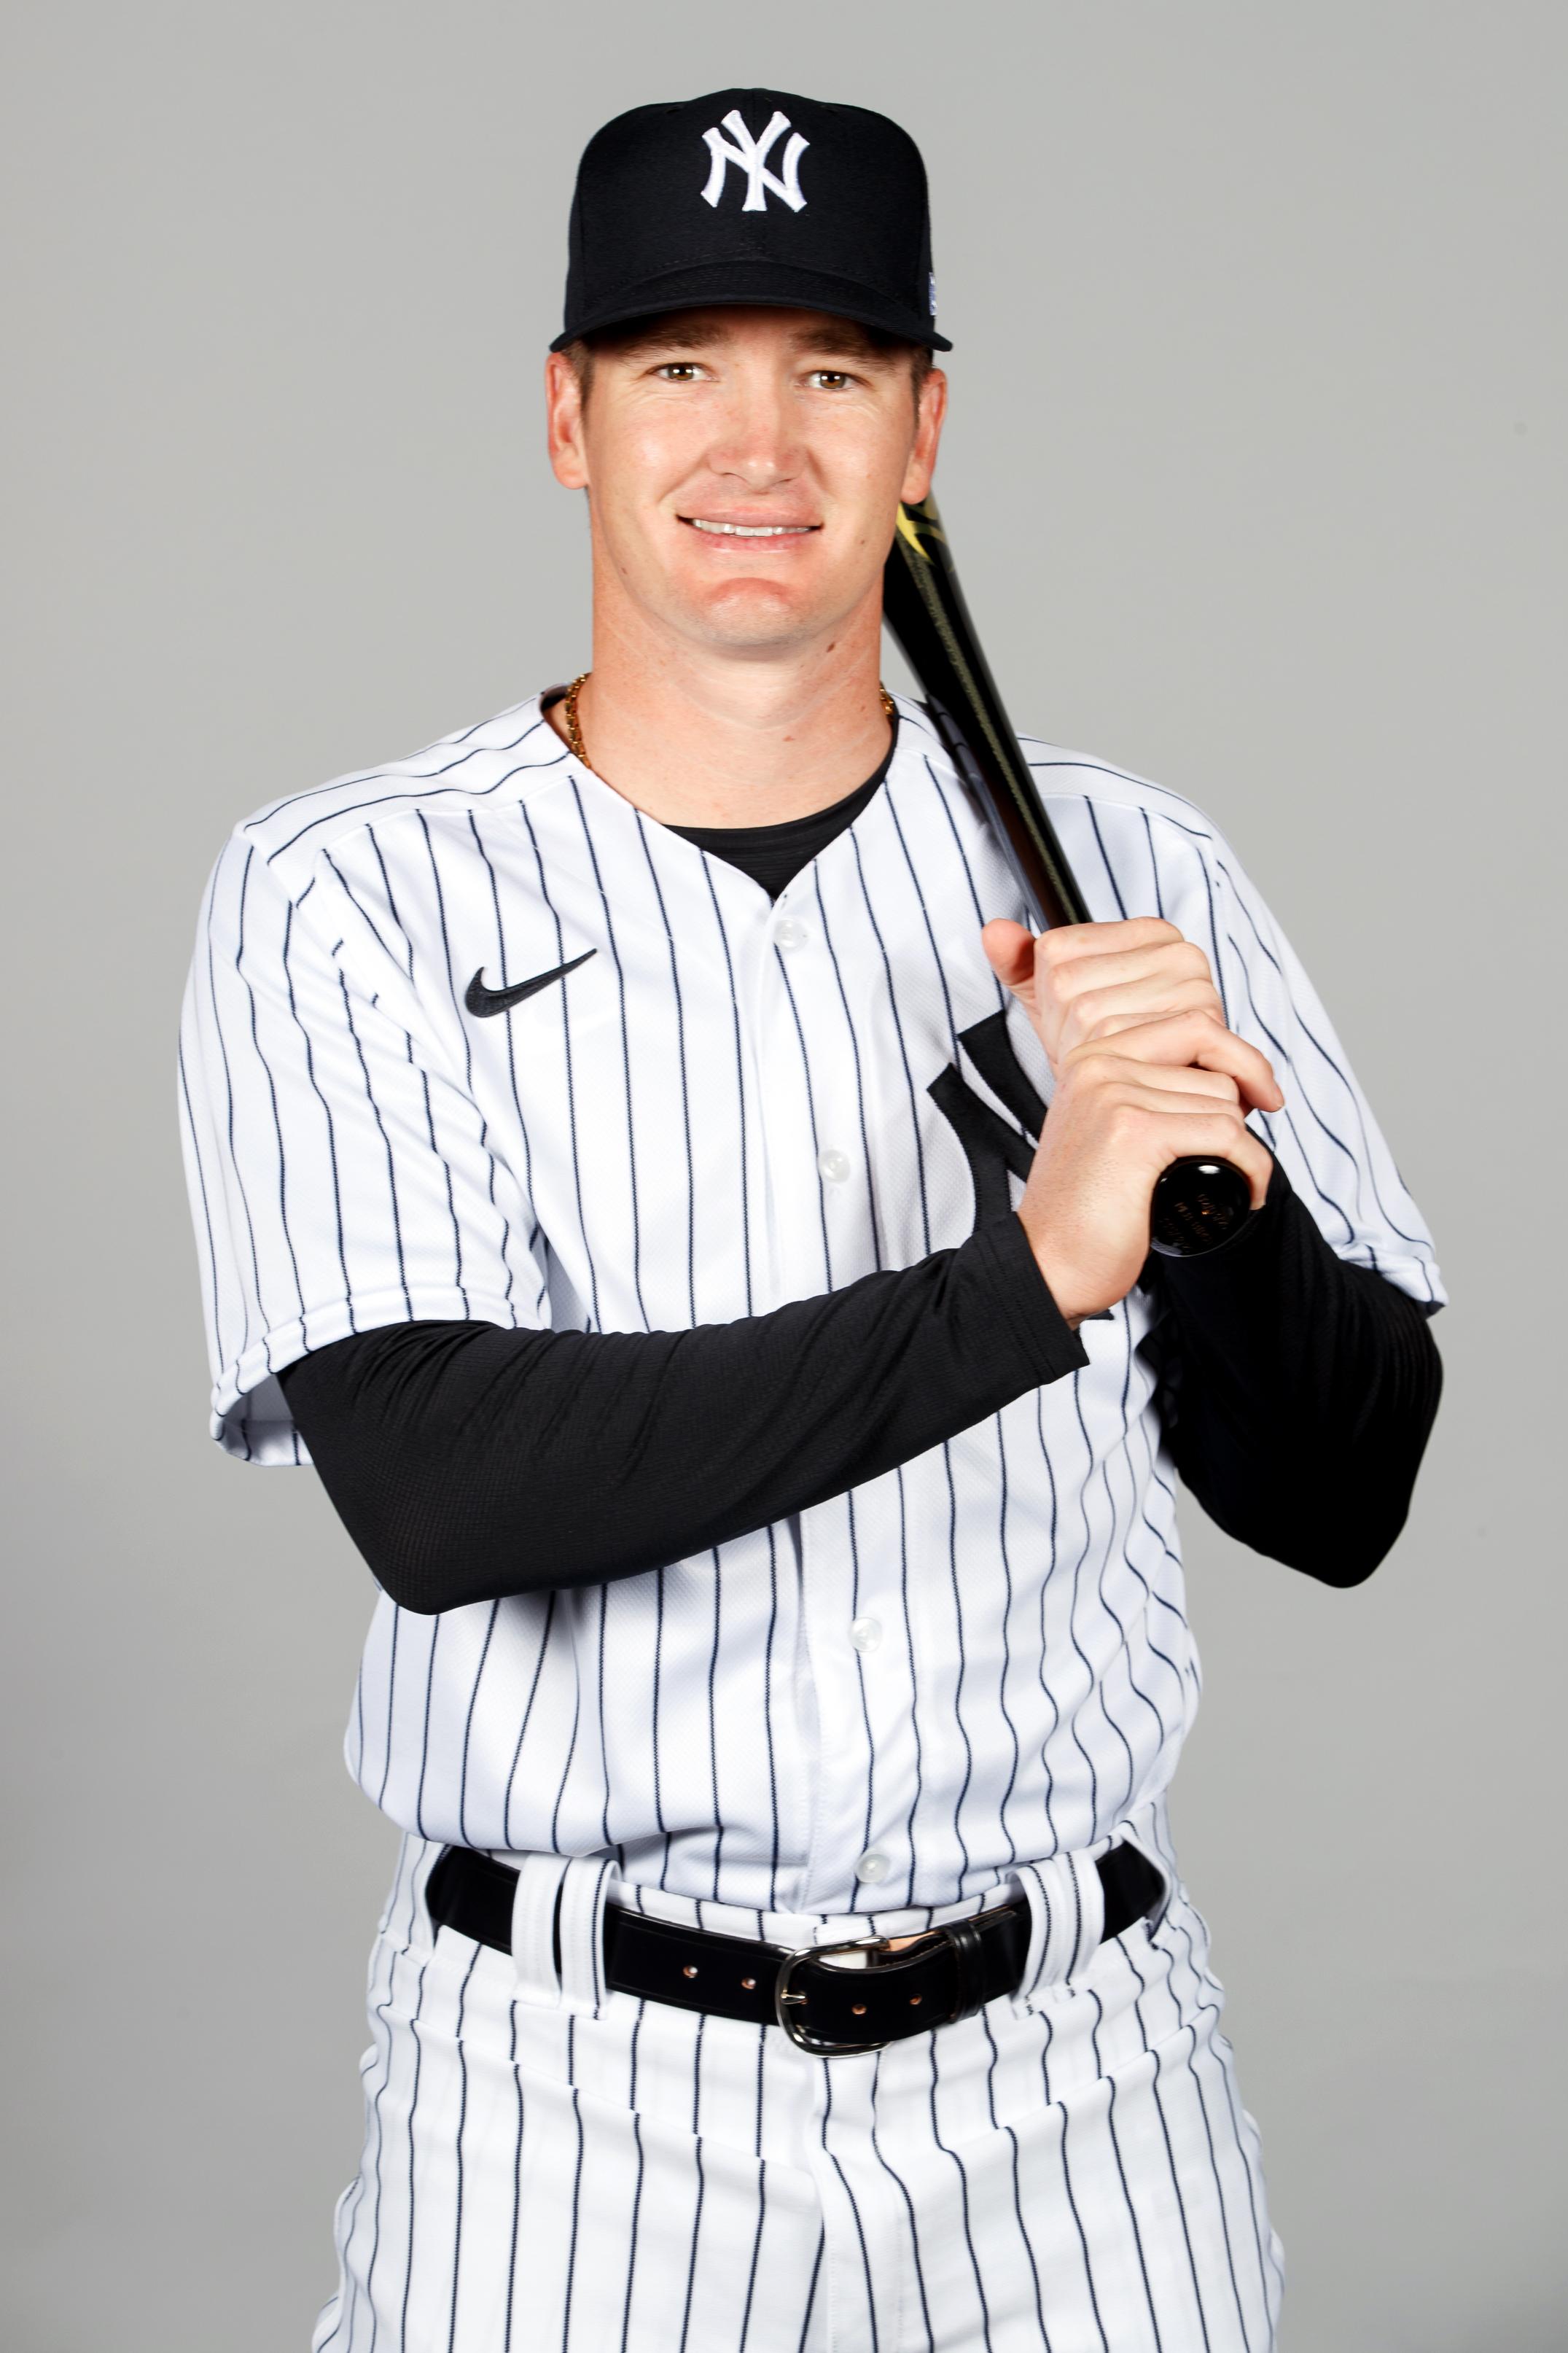 2020 New York Yankees Photo Day